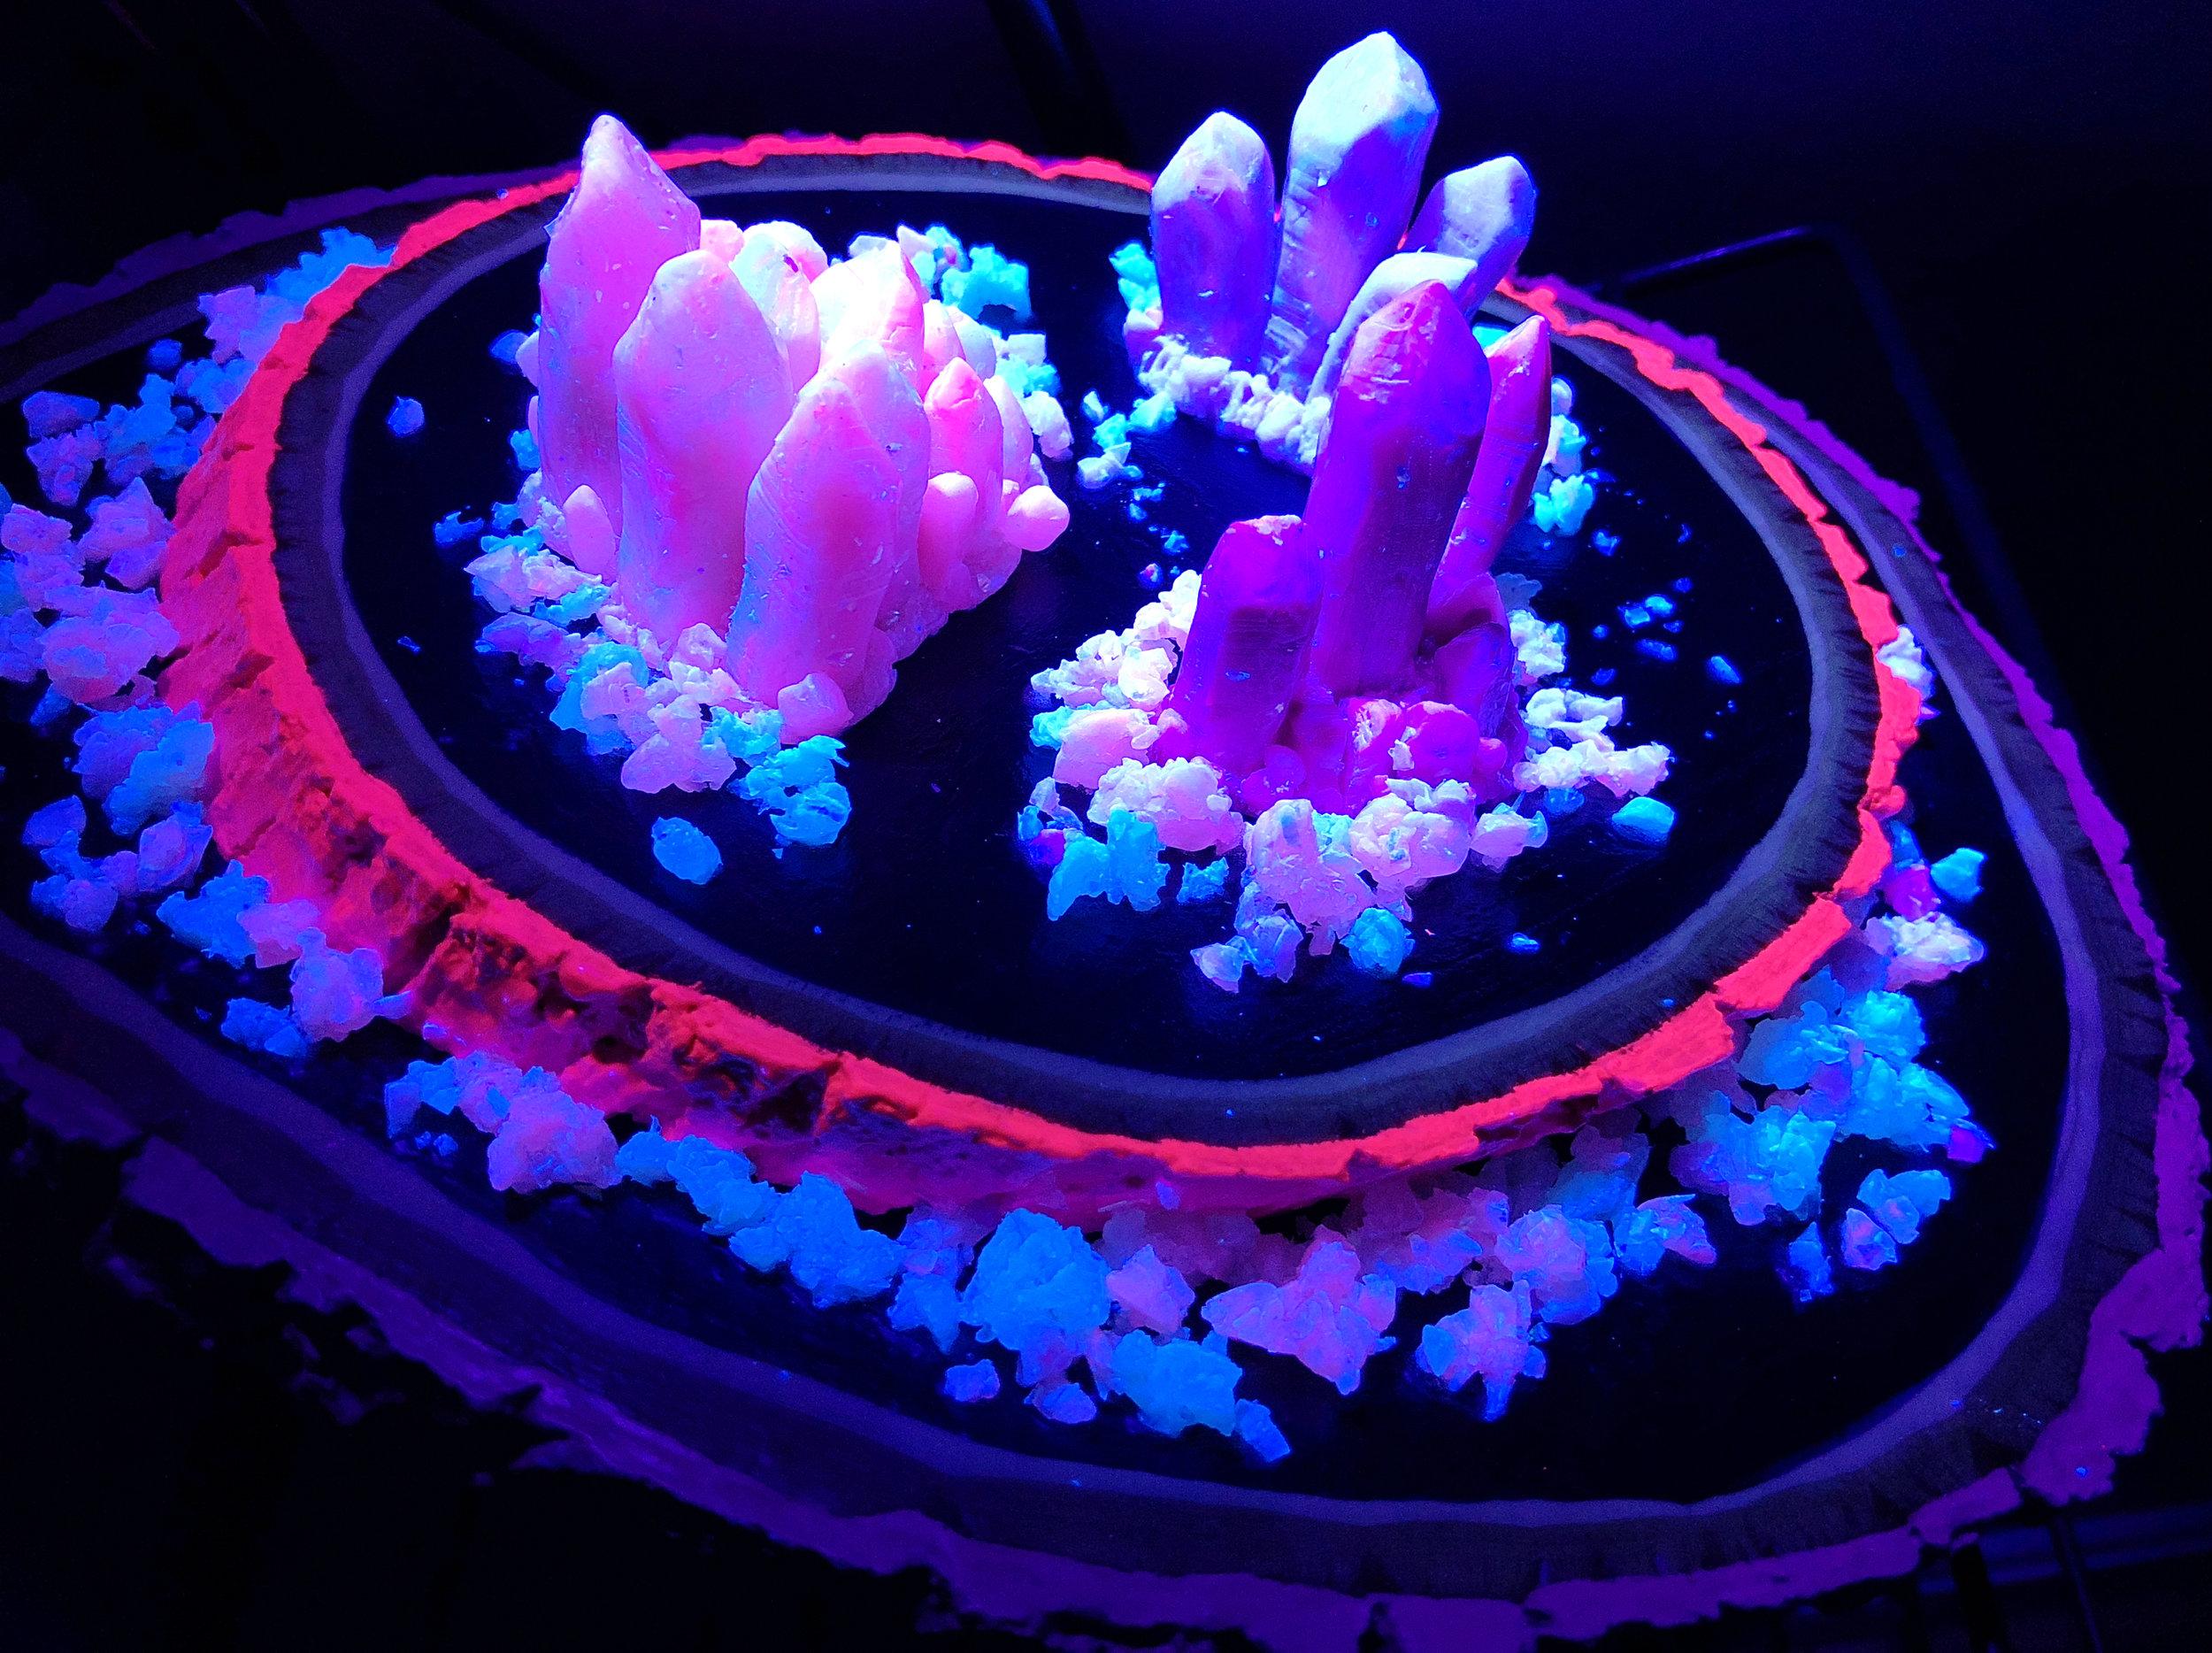 Impression of a Florescent Geode (Blacklight Detail) - JD Shanley.jpg